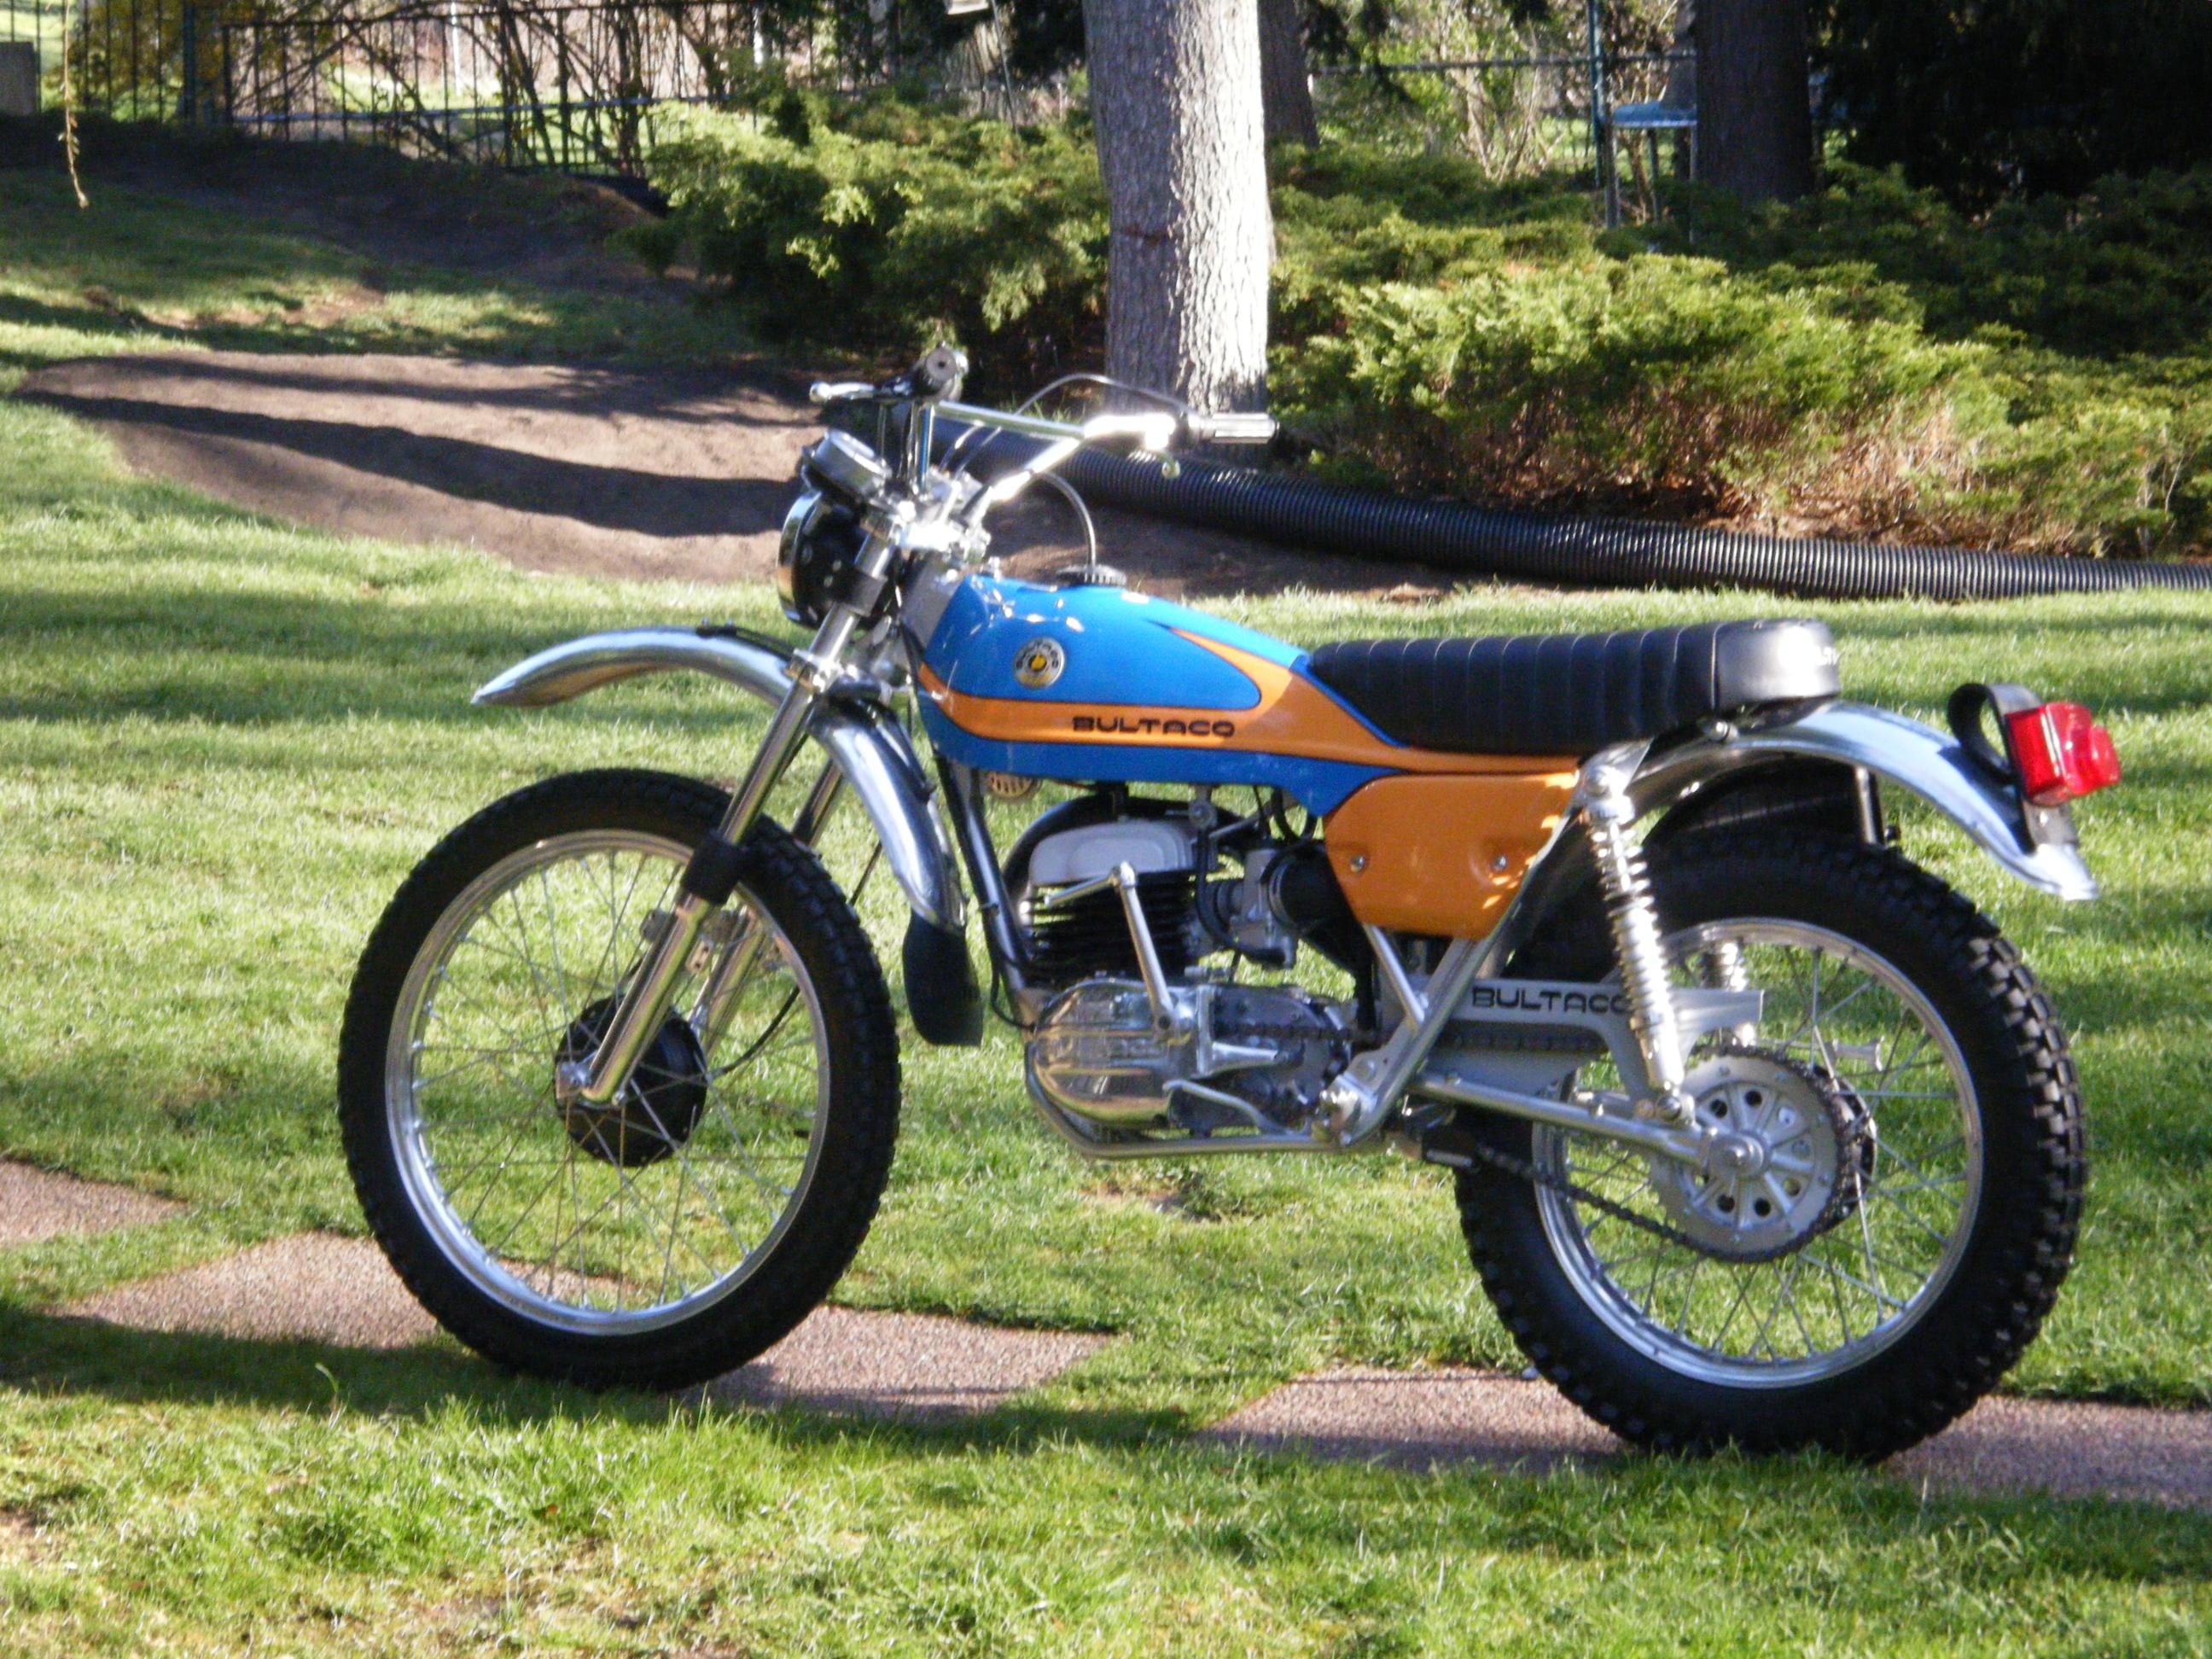 Bultaco | Chuck Davis Restorations